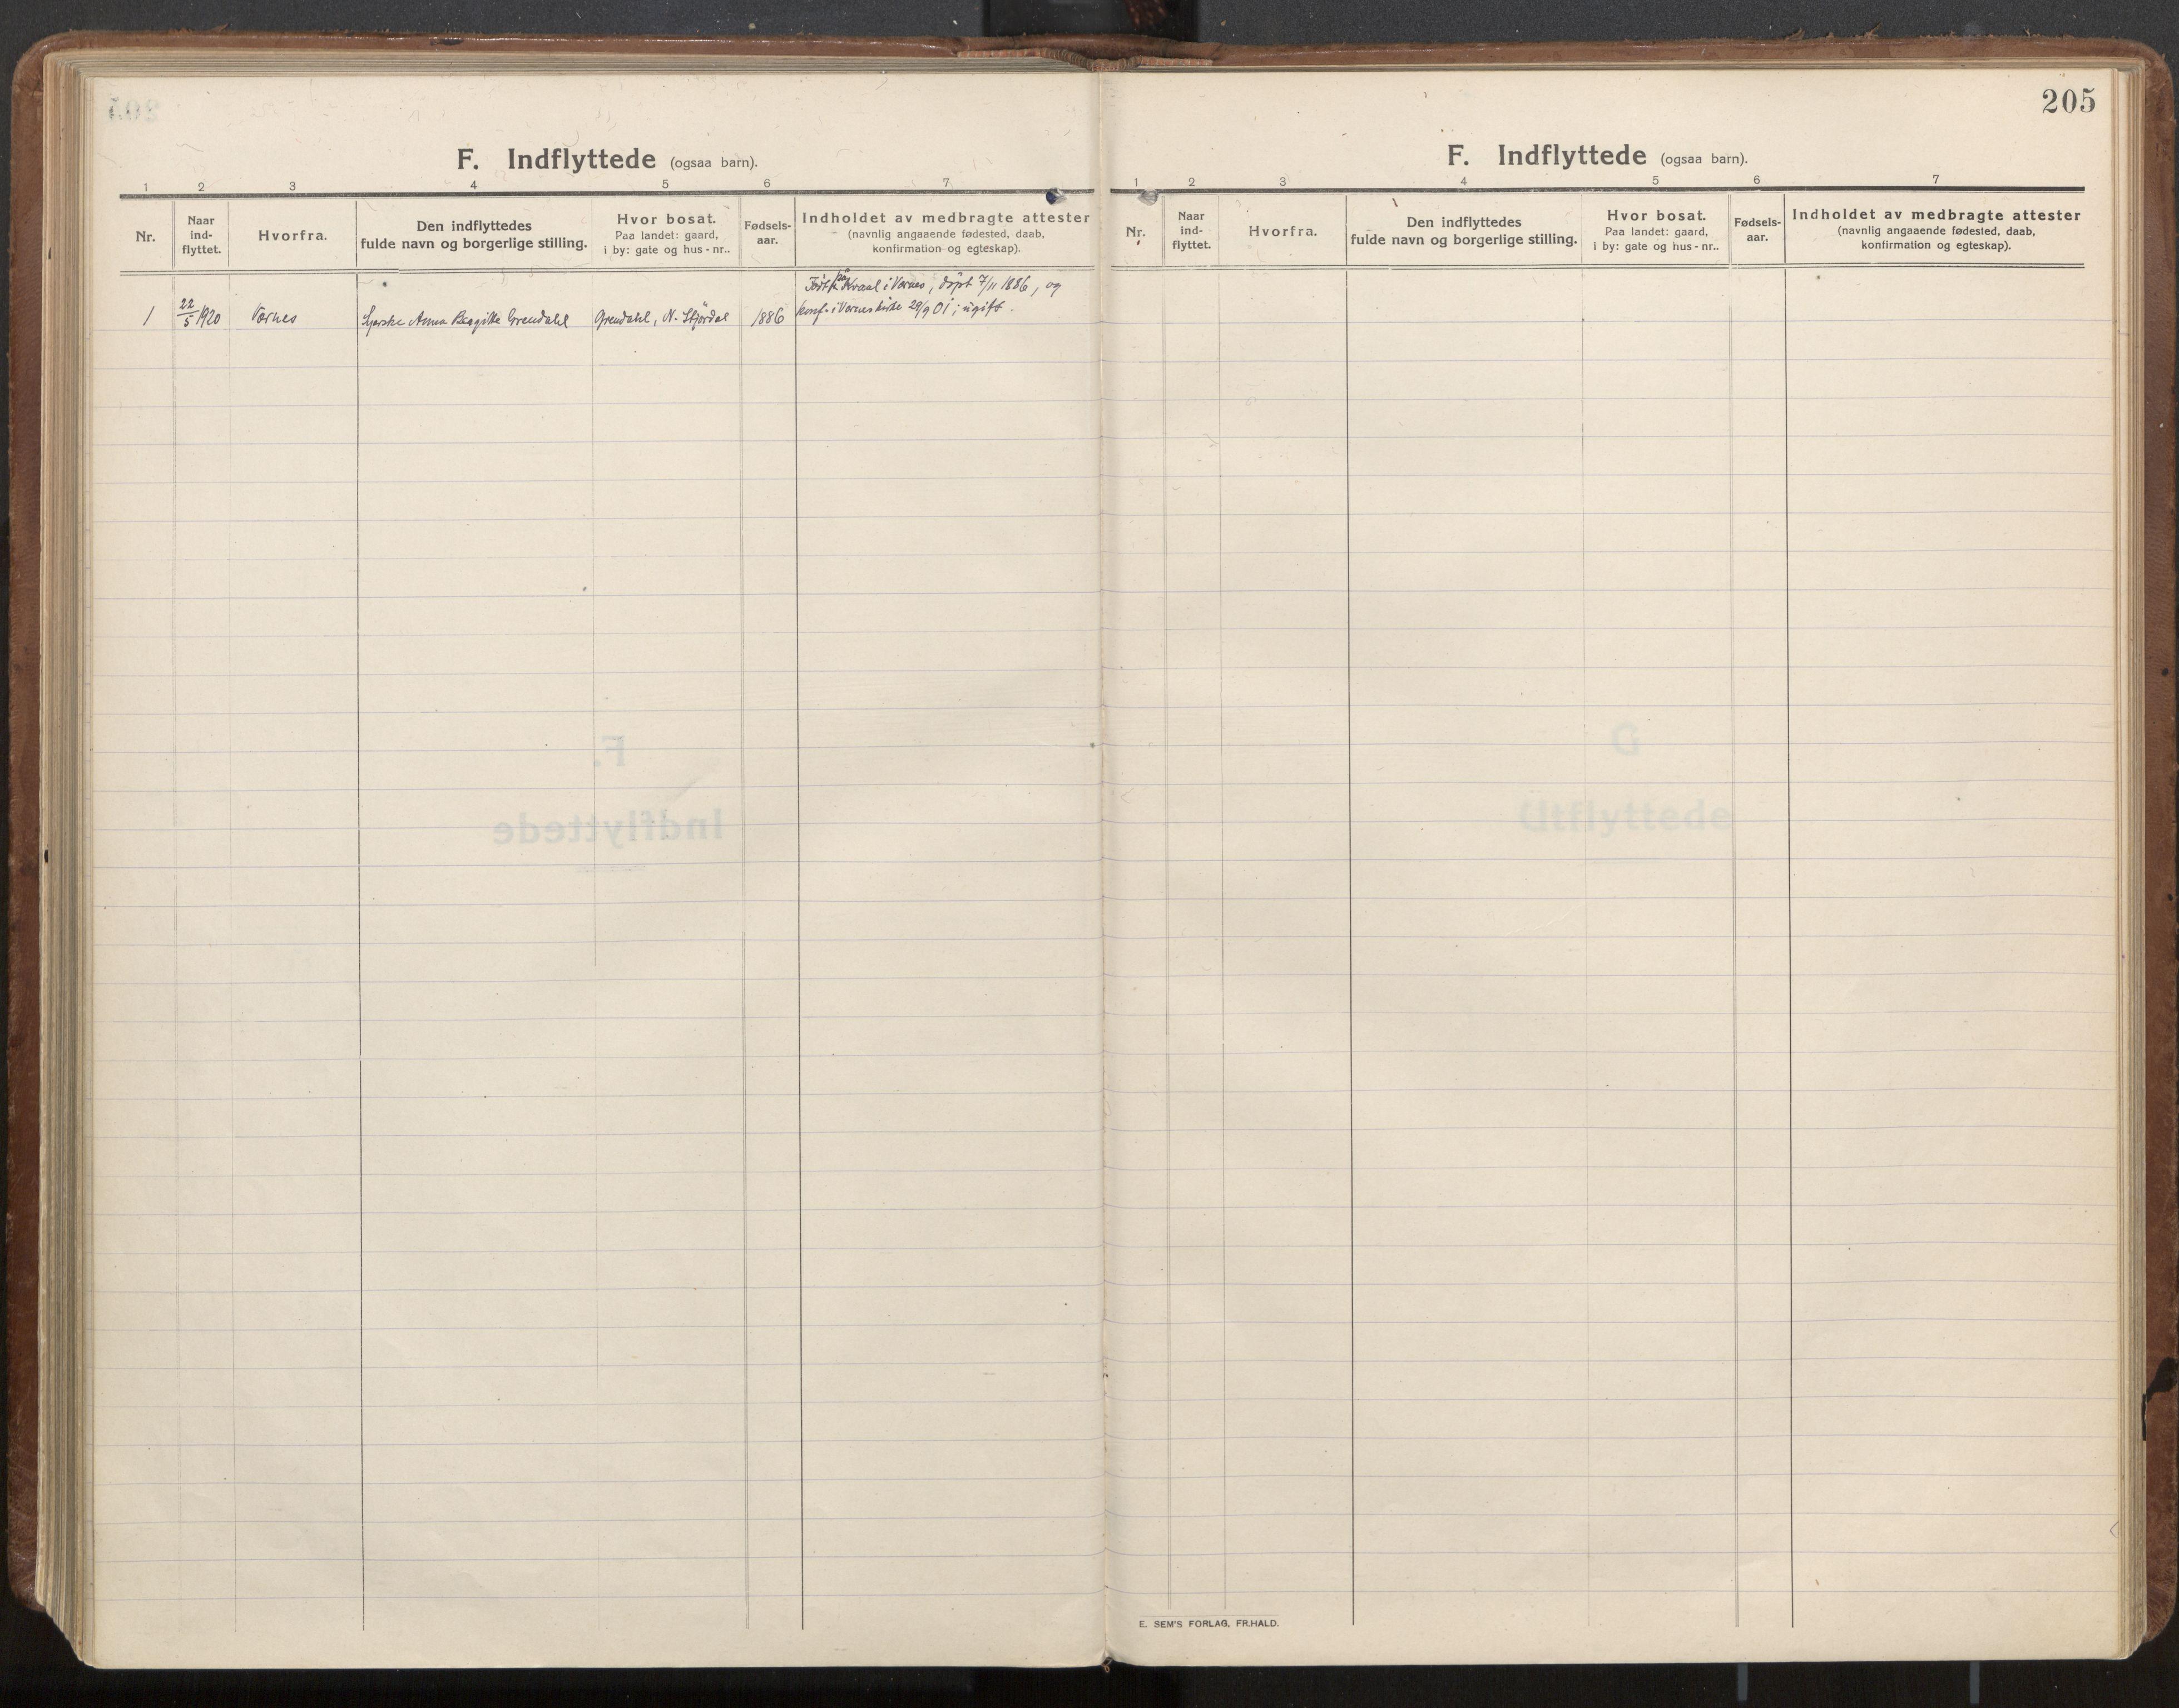 SAT, Ministerialprotokoller, klokkerbøker og fødselsregistre - Nord-Trøndelag, 703/L0037: Parish register (official) no. 703A10, 1915-1932, p. 205